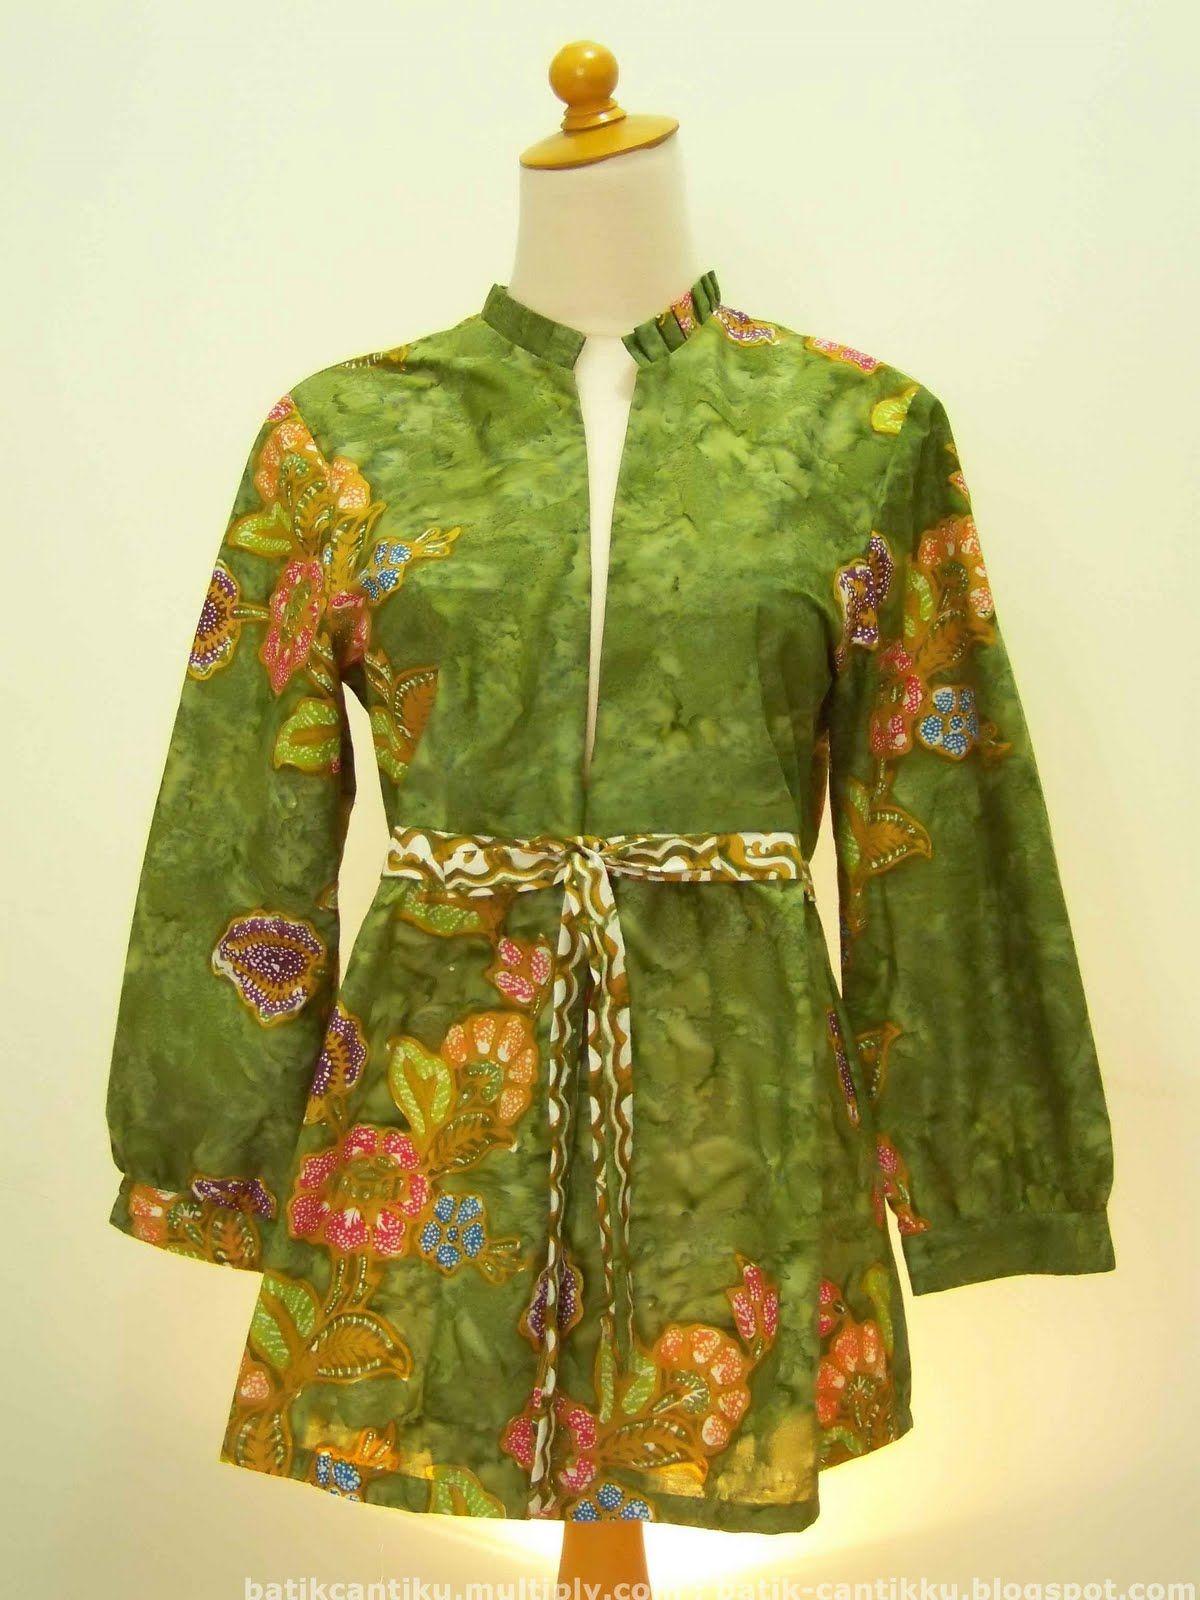 Contoh iModeli iBajui Batik iWanitai Terkini Style Pinterest